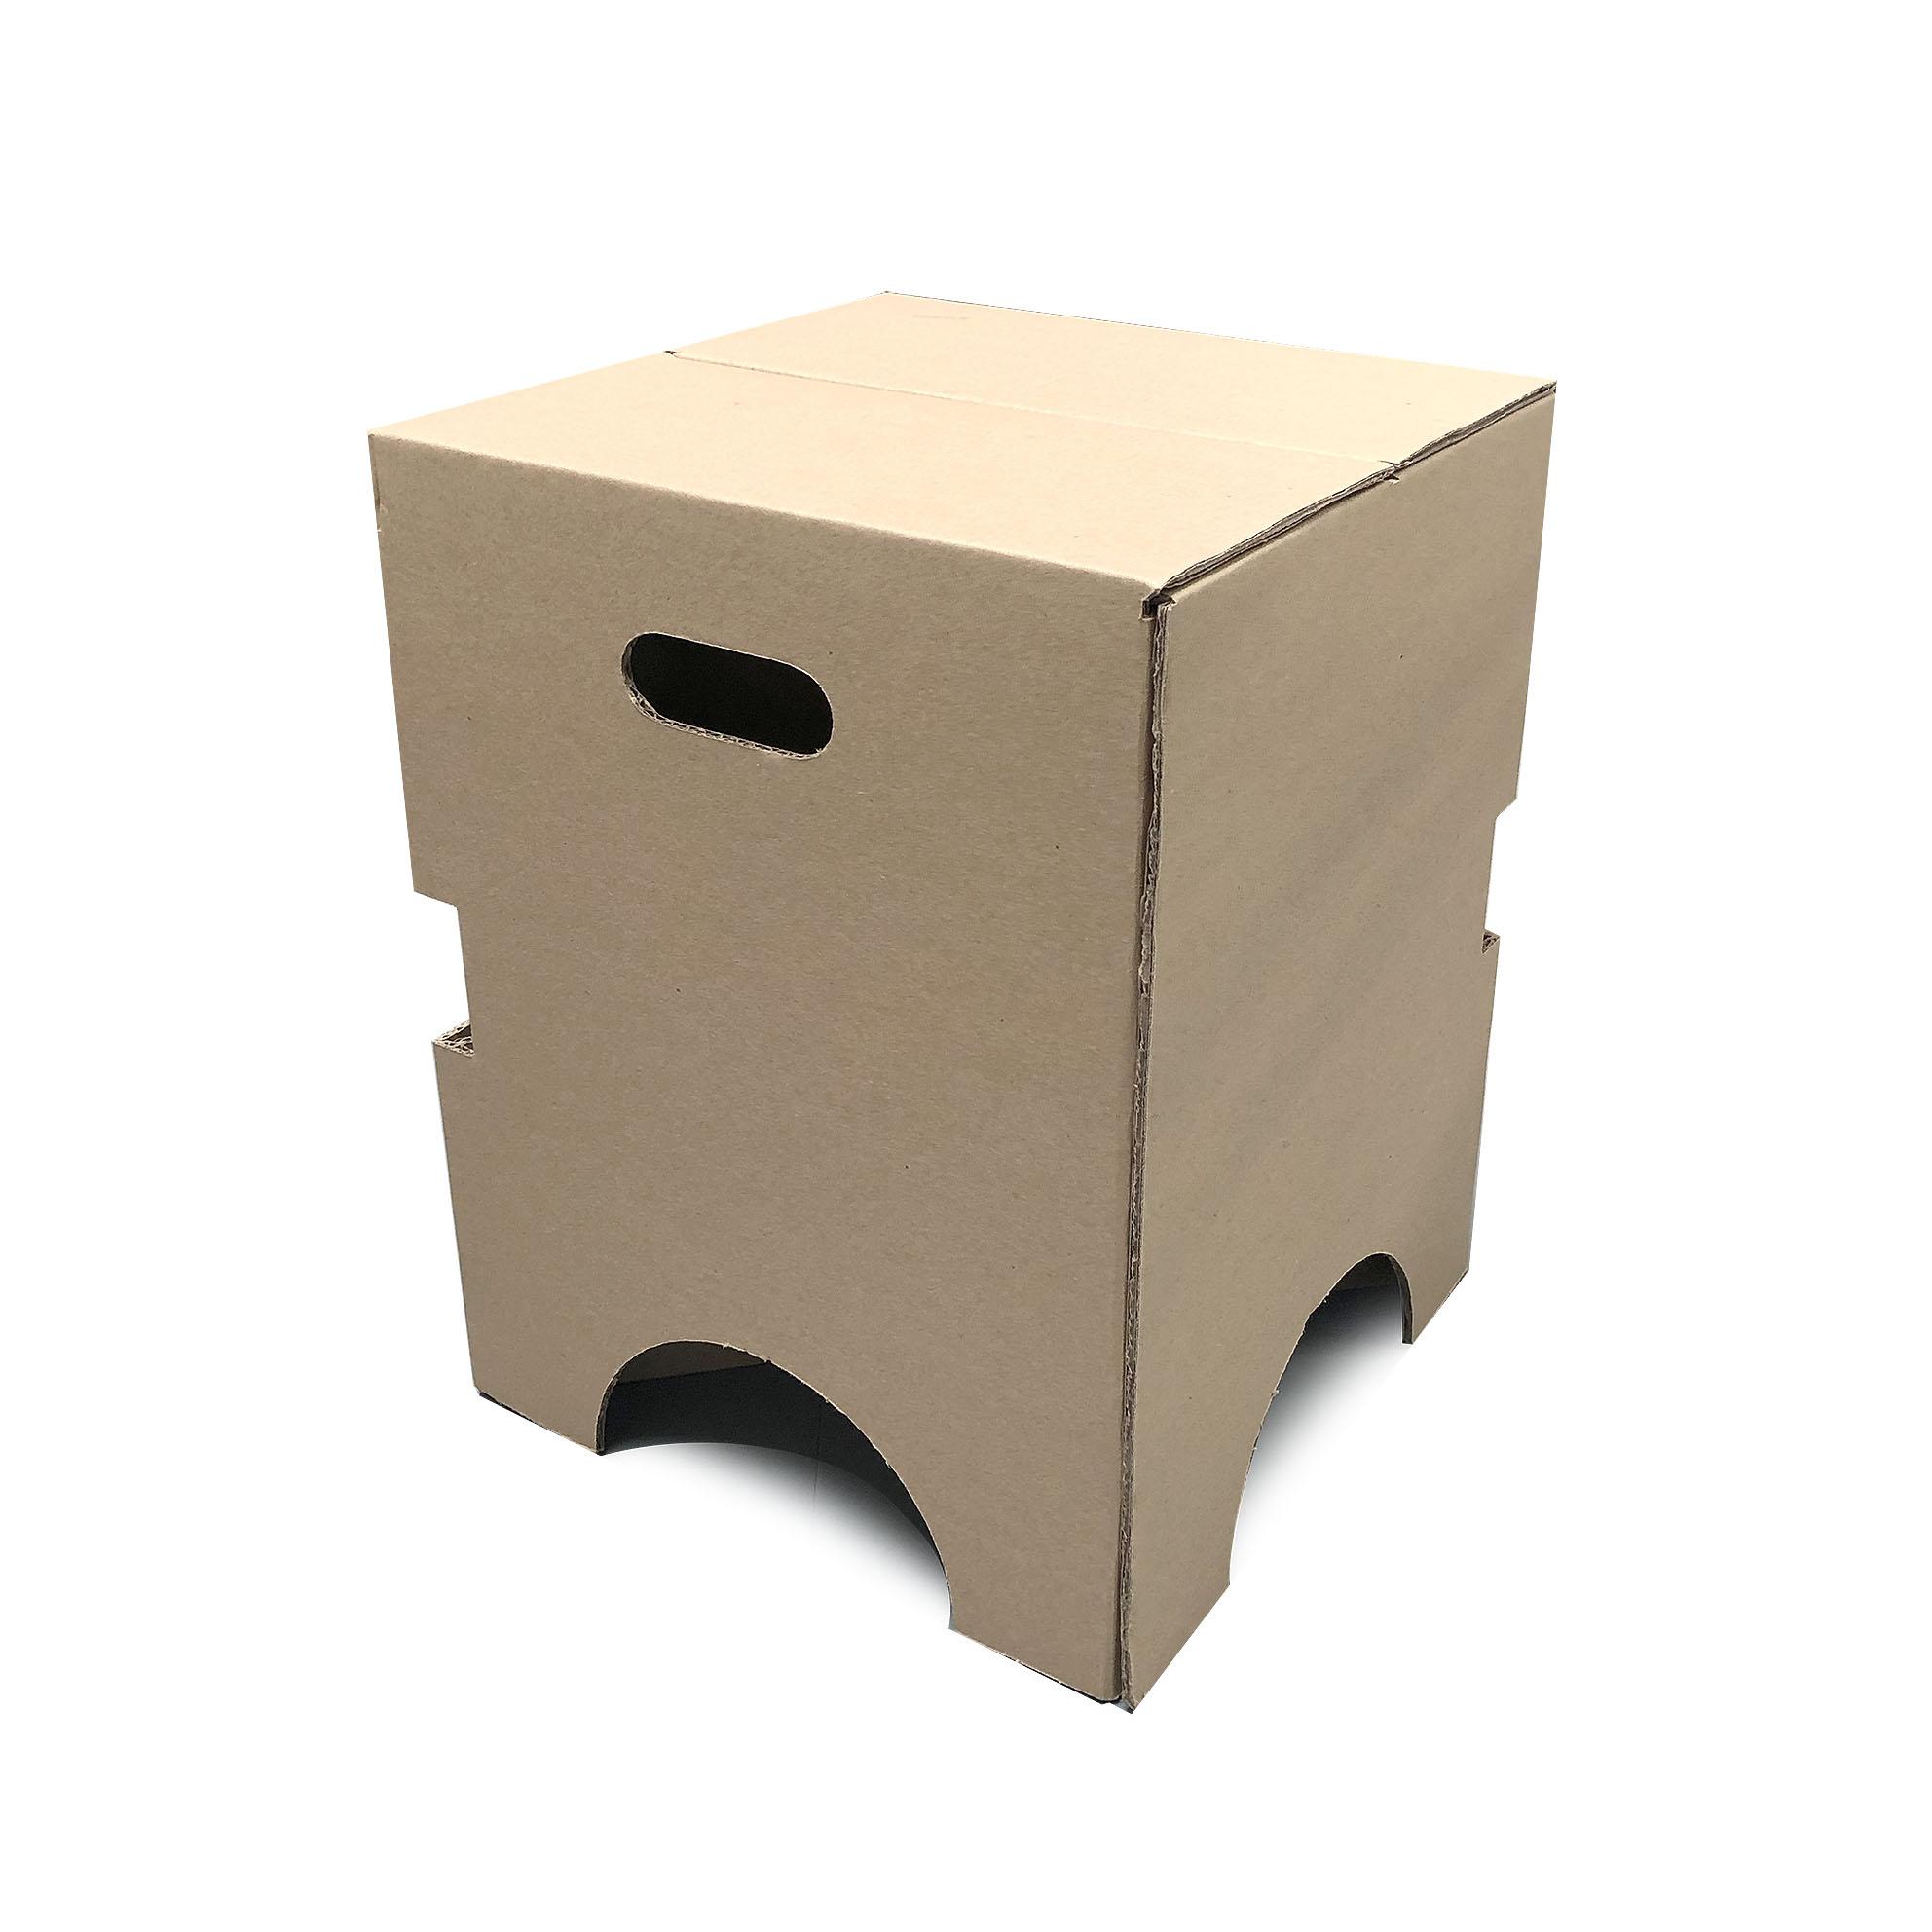 Tabouret carton